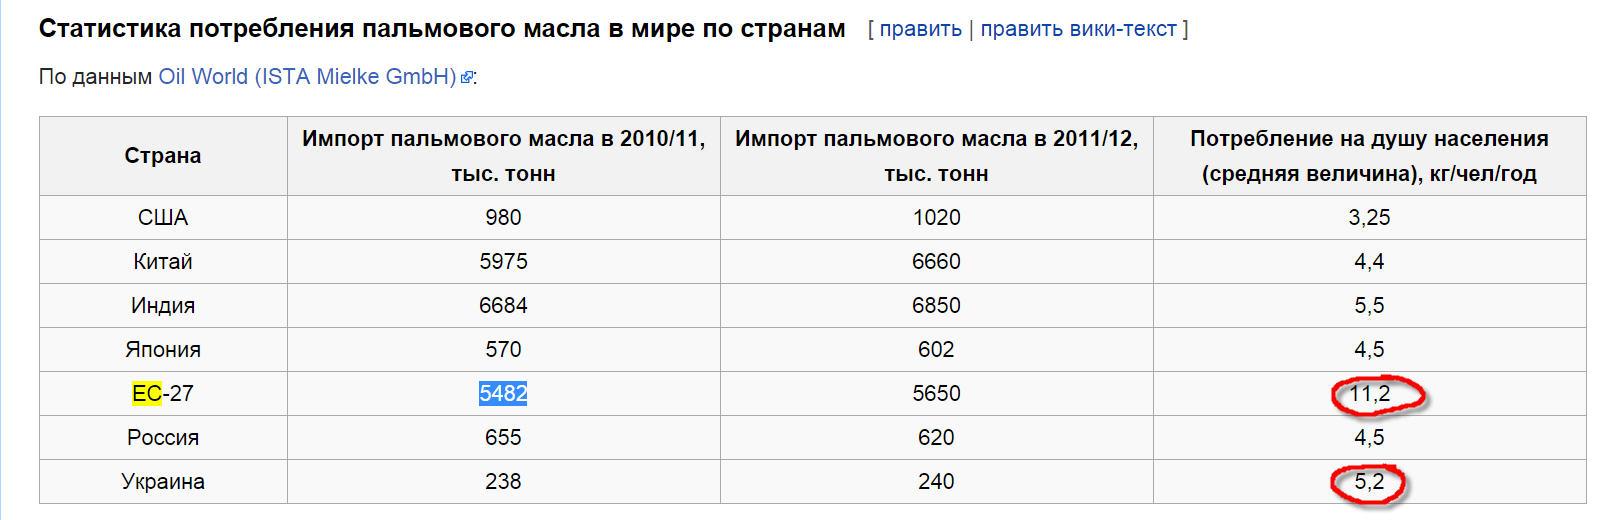 Порошенко подписал закон, приближающий качество украинских продуктов к стандартам ЕС - Цензор.НЕТ 3607